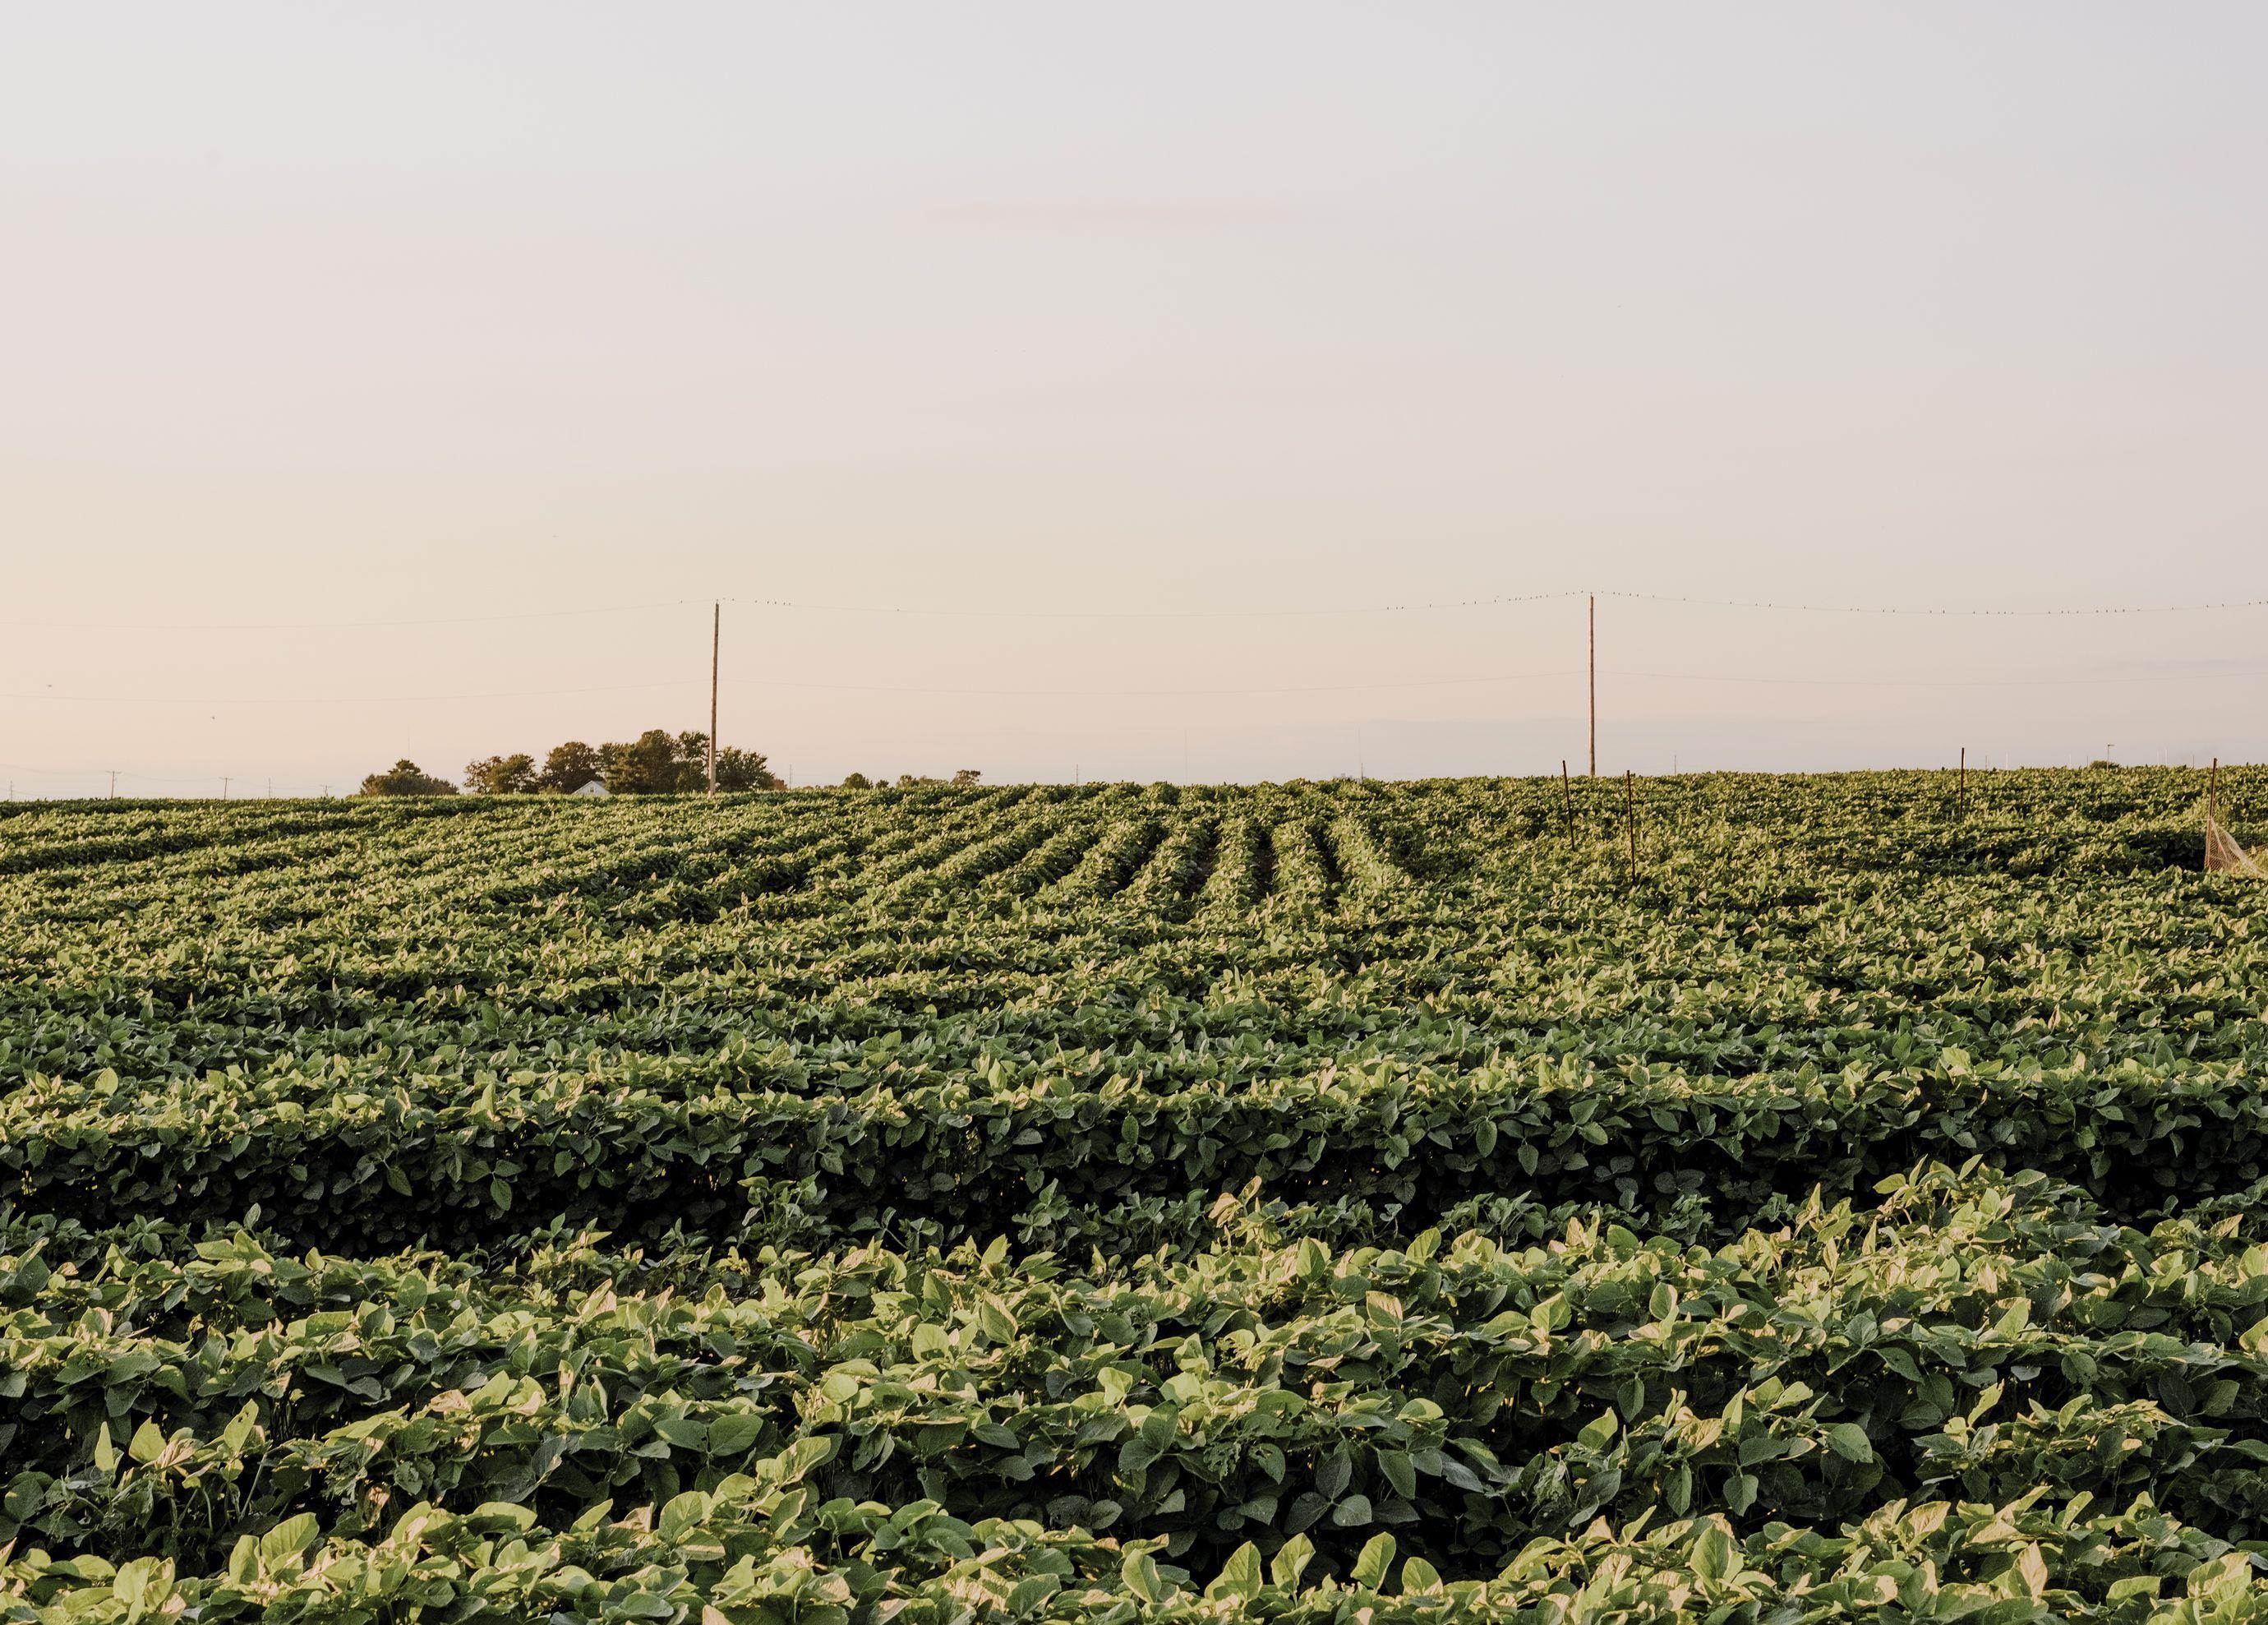 光合成を効率化した 遺伝子組み換え作物が 食糧危機を救う